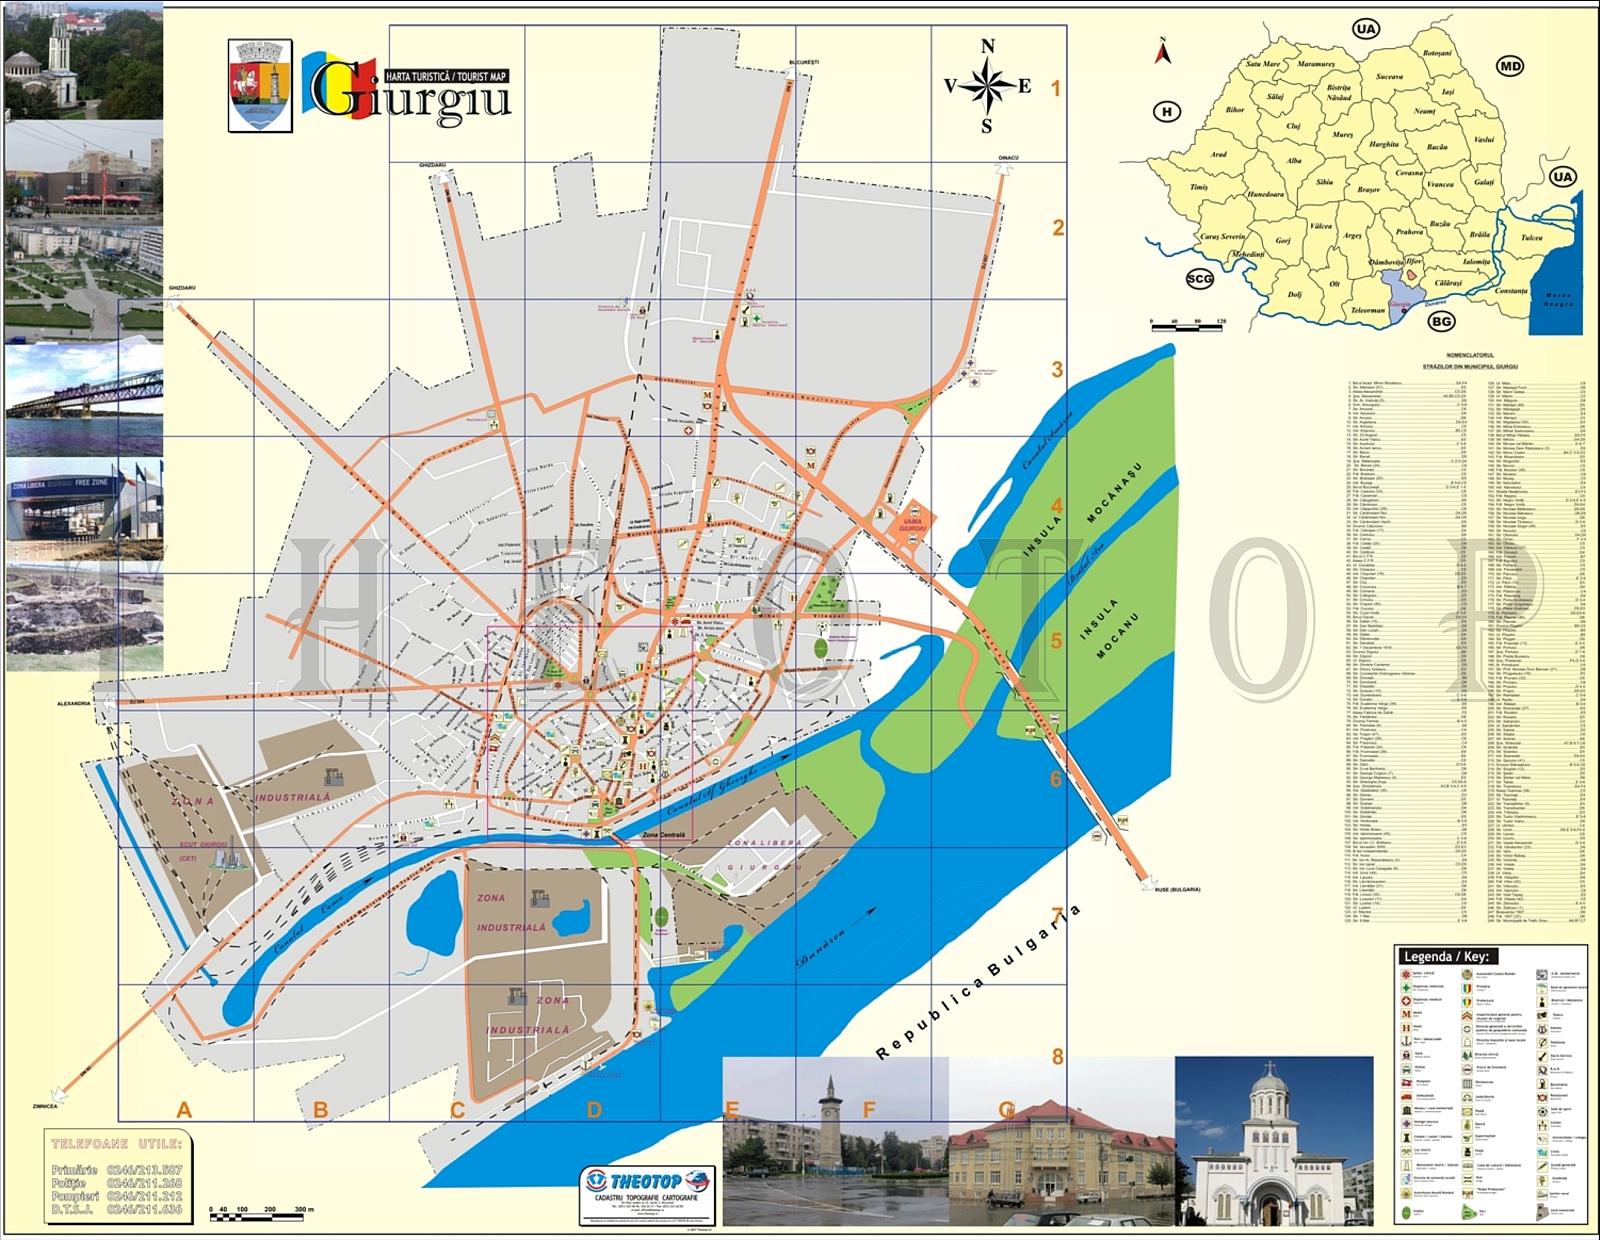 Harta turistică: Municiupiul Giurgiu